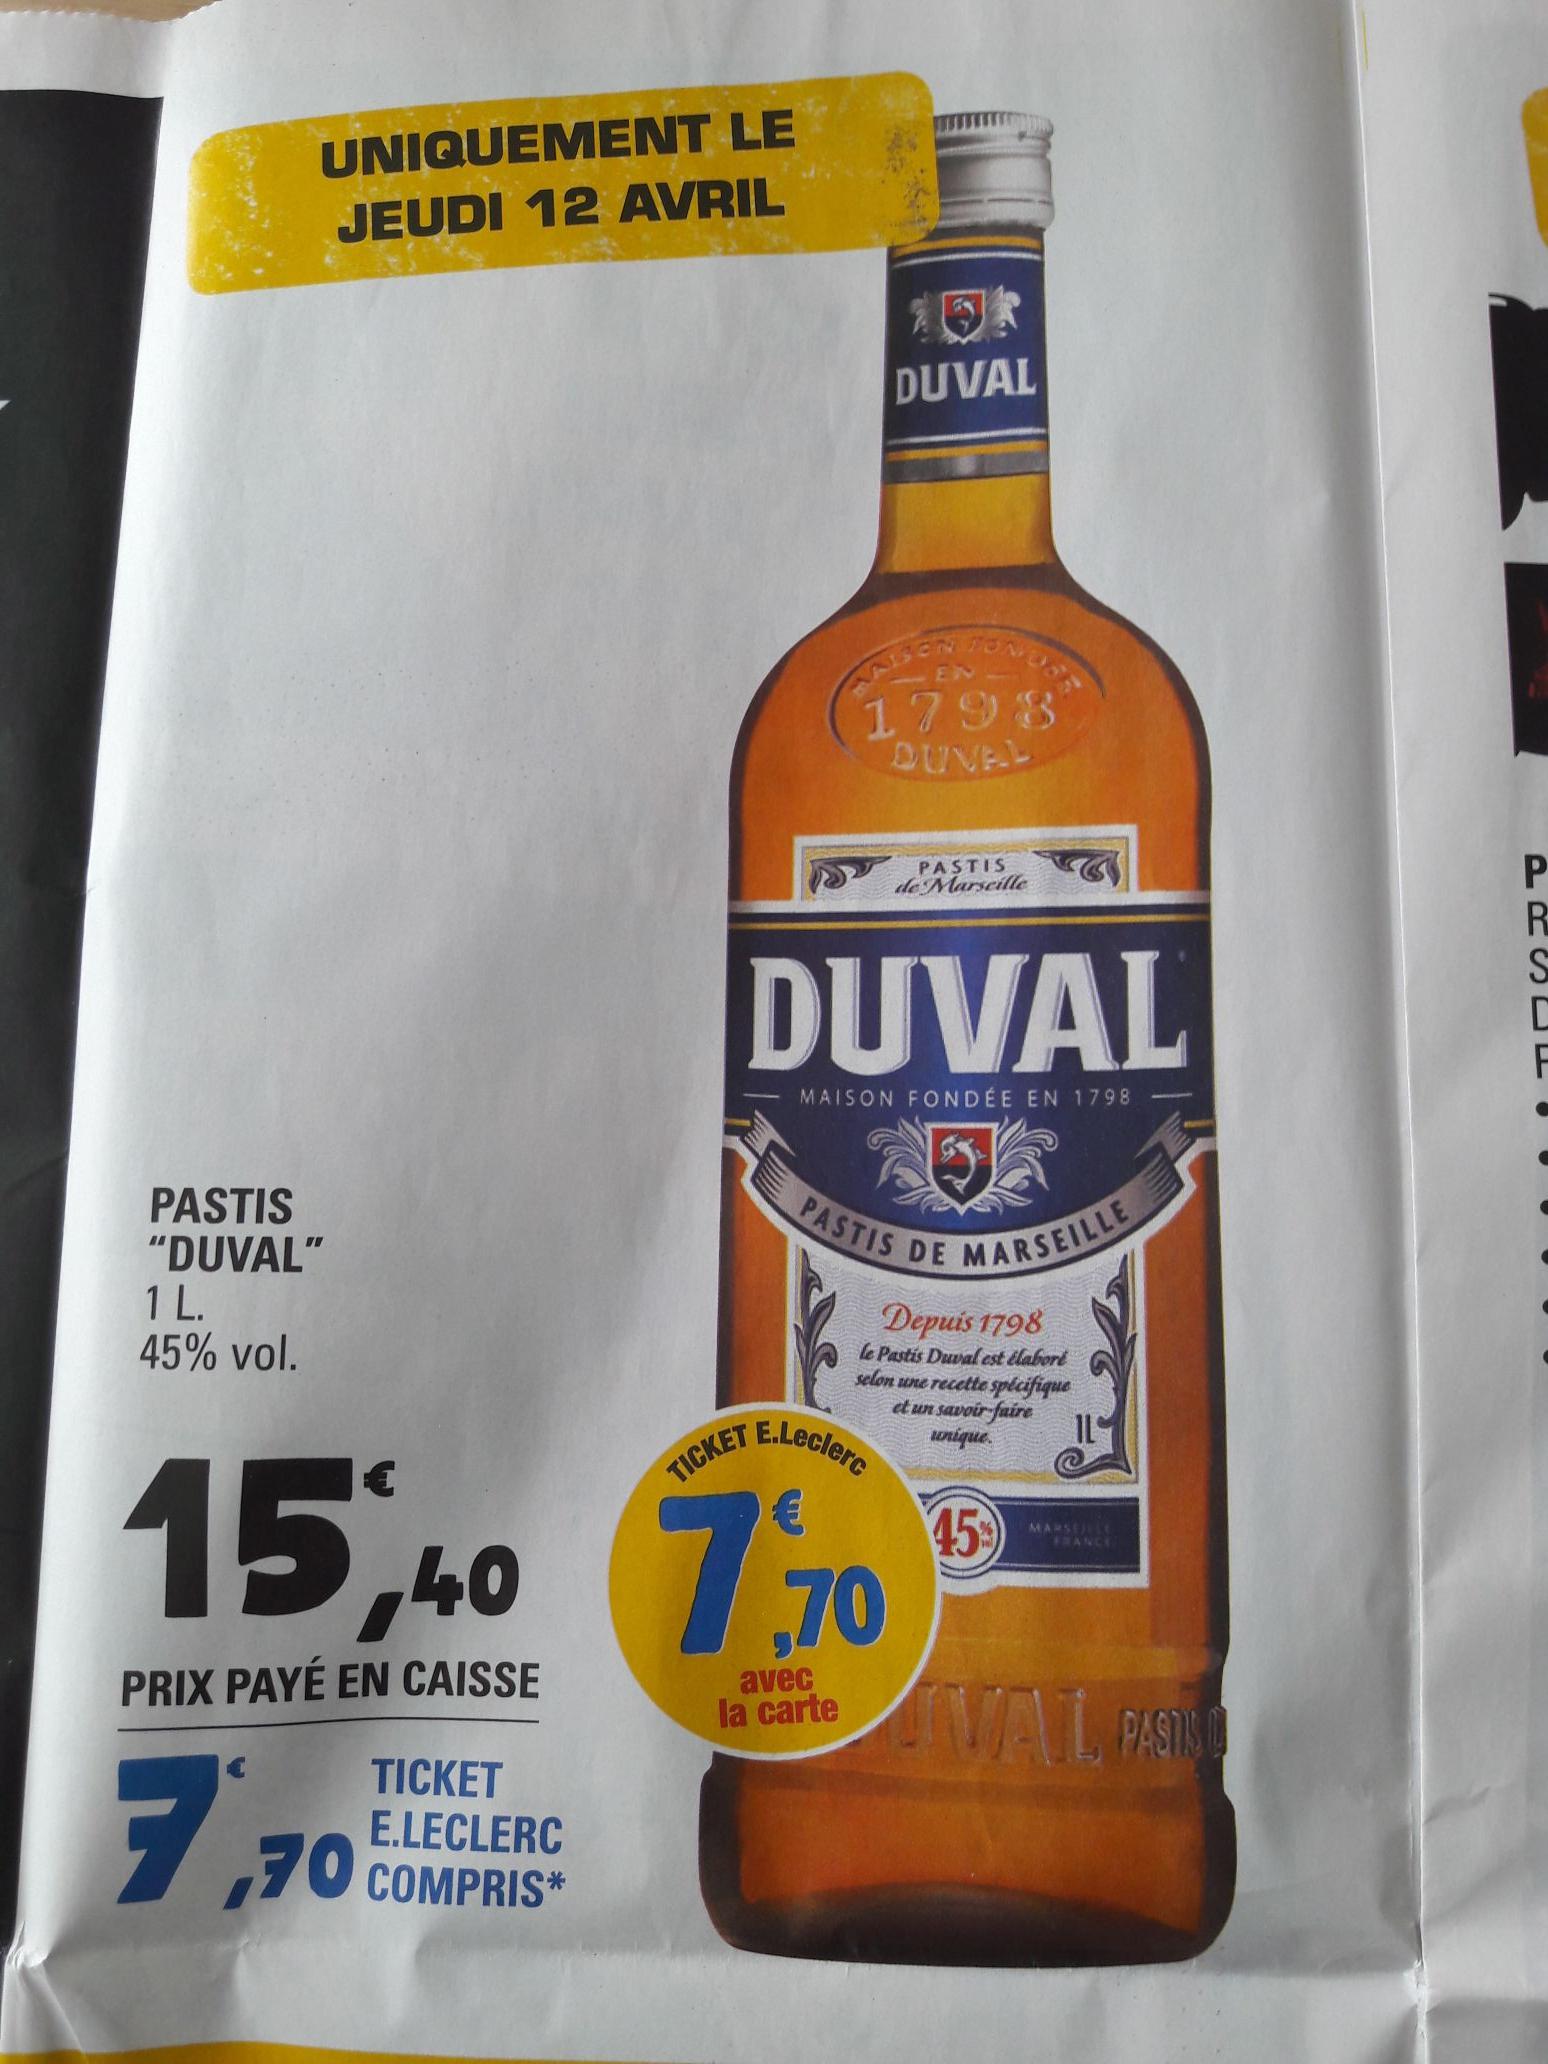 Sélection d'articles en promotion - Ex : Bouteille de Pastis Duval - 1L (via 7.70€ fidélité)